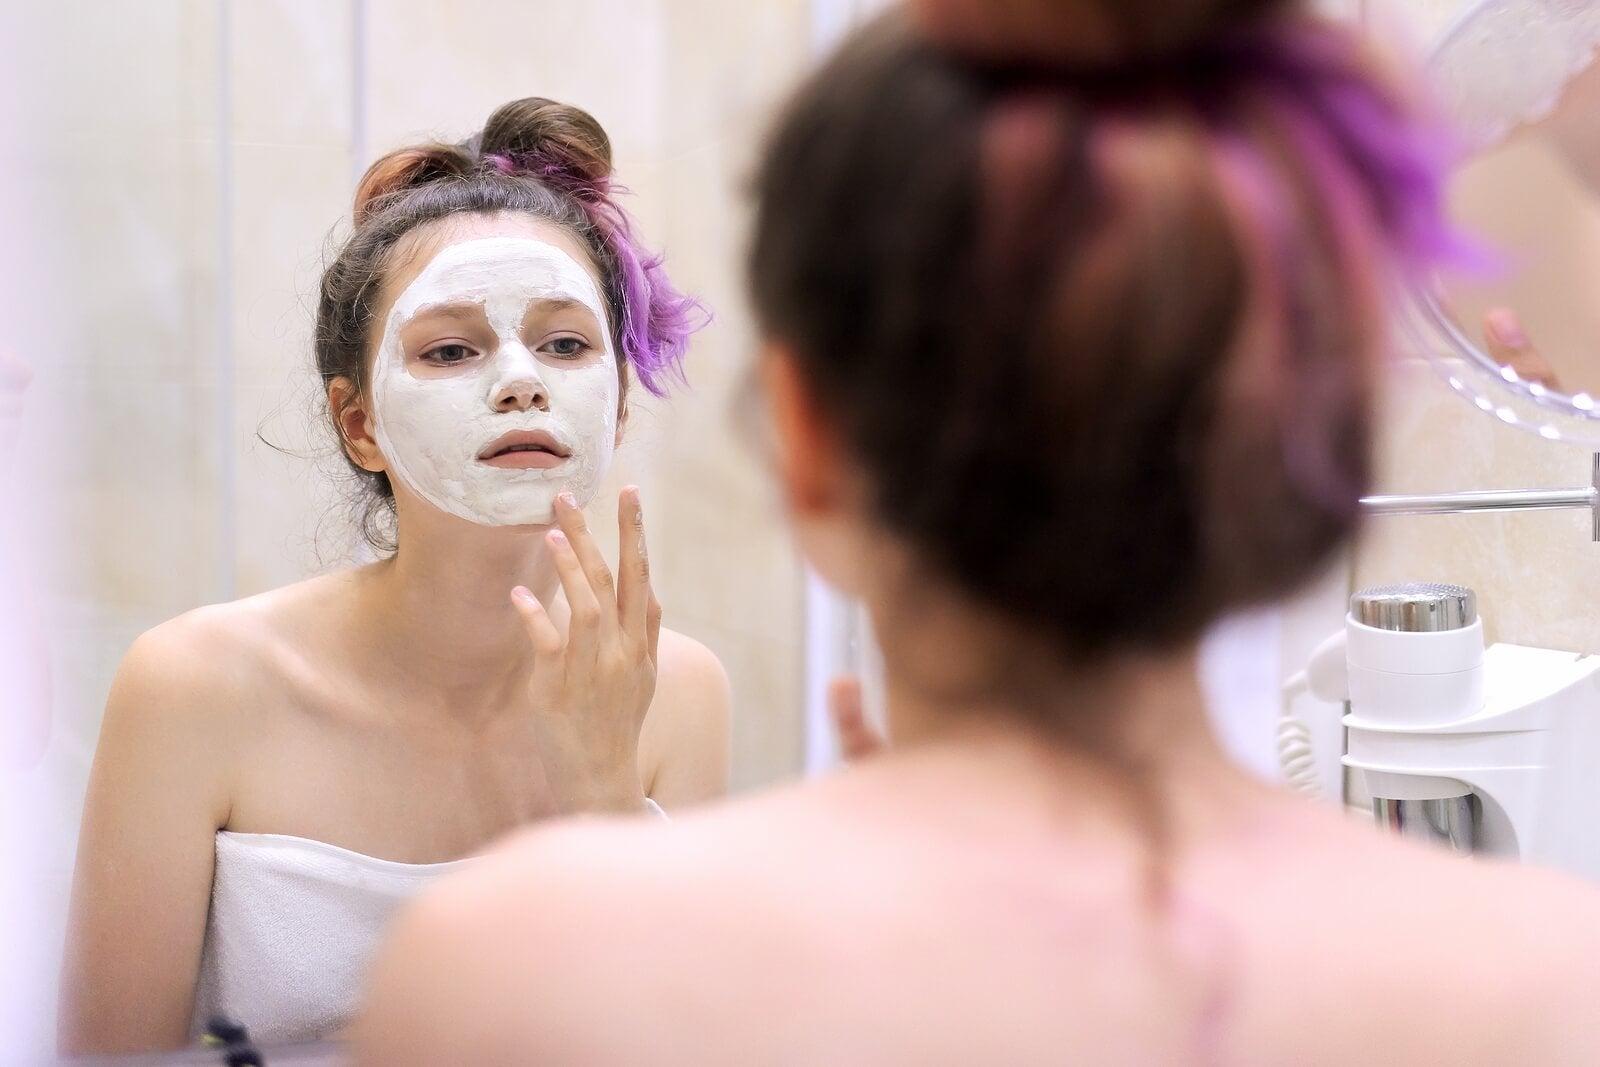 Chica aplicando una mascarilla facial para cuidar su piel en la adolescencia.